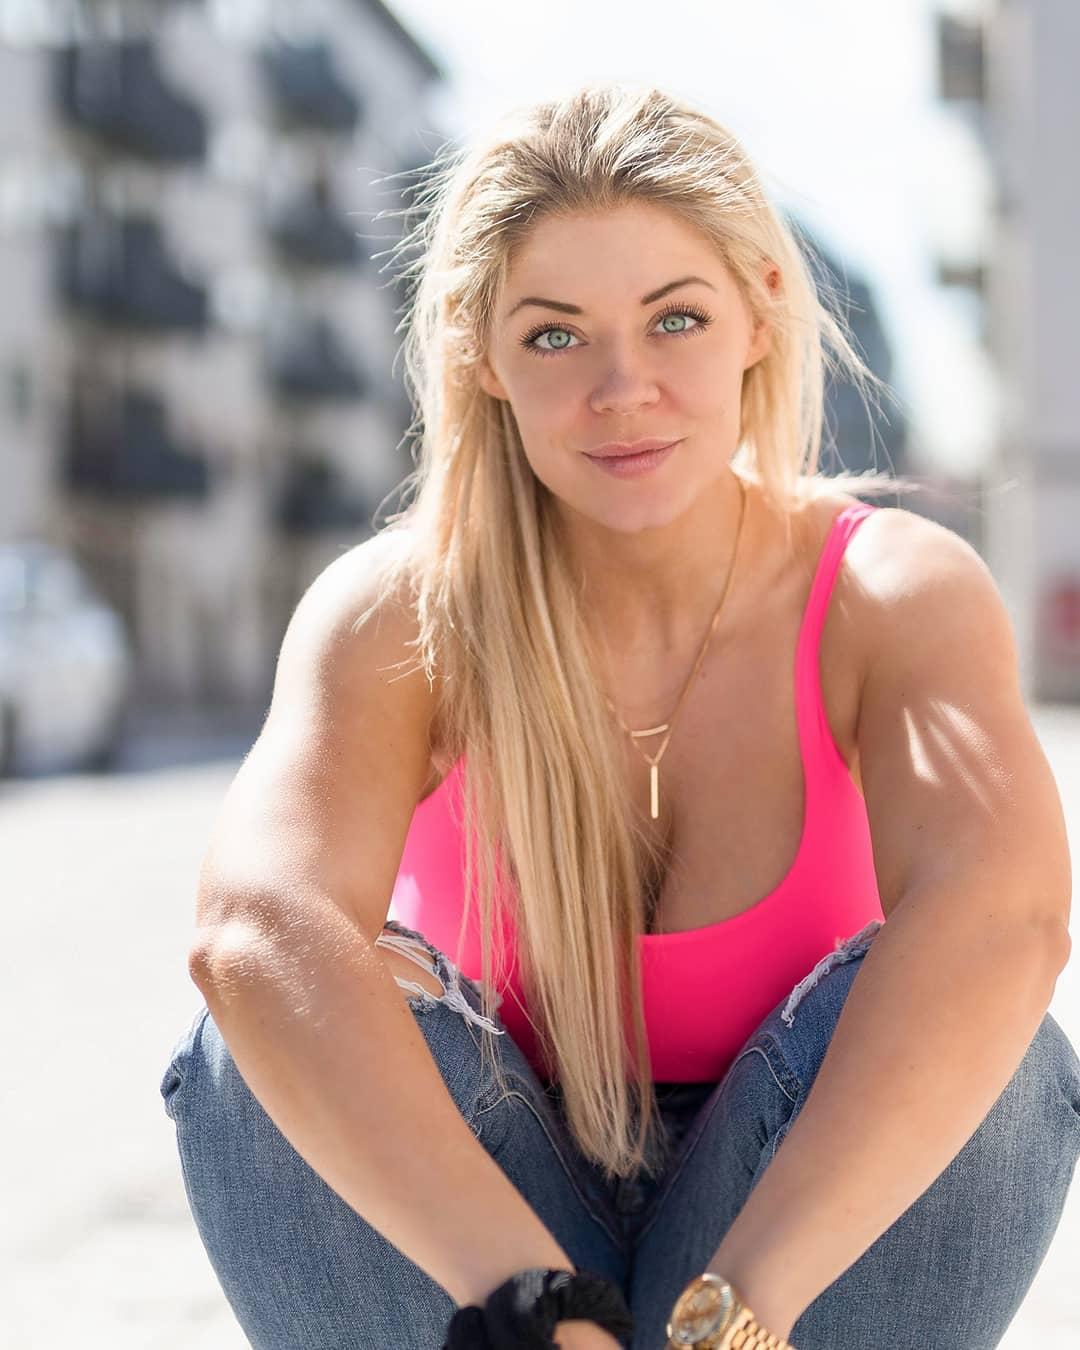 Датчанка покорила инстаграмм своей естественной красотой и спортивным телом